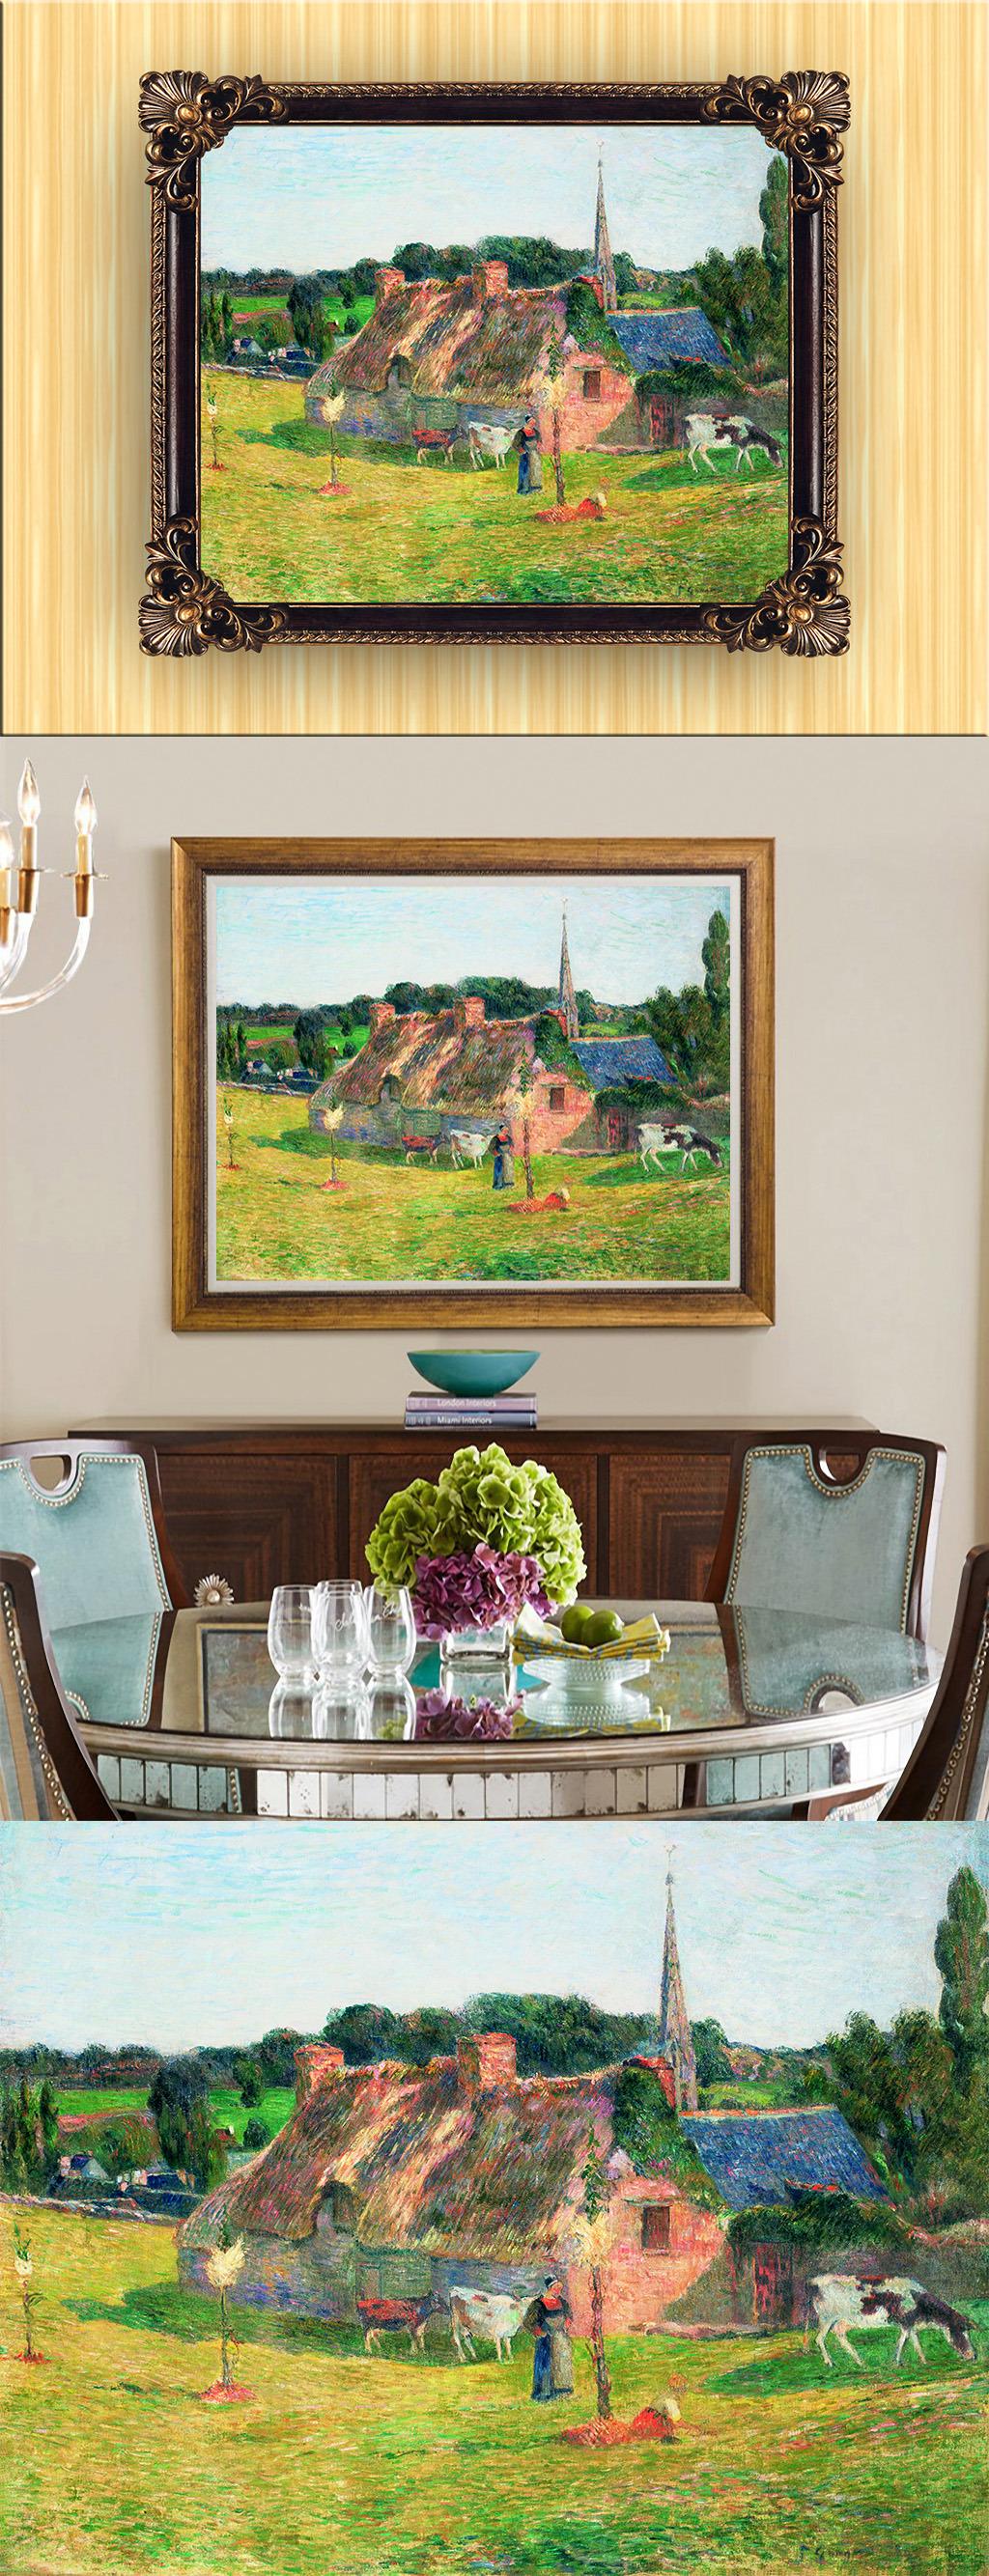 欧式古典风格手绘田园风景油画